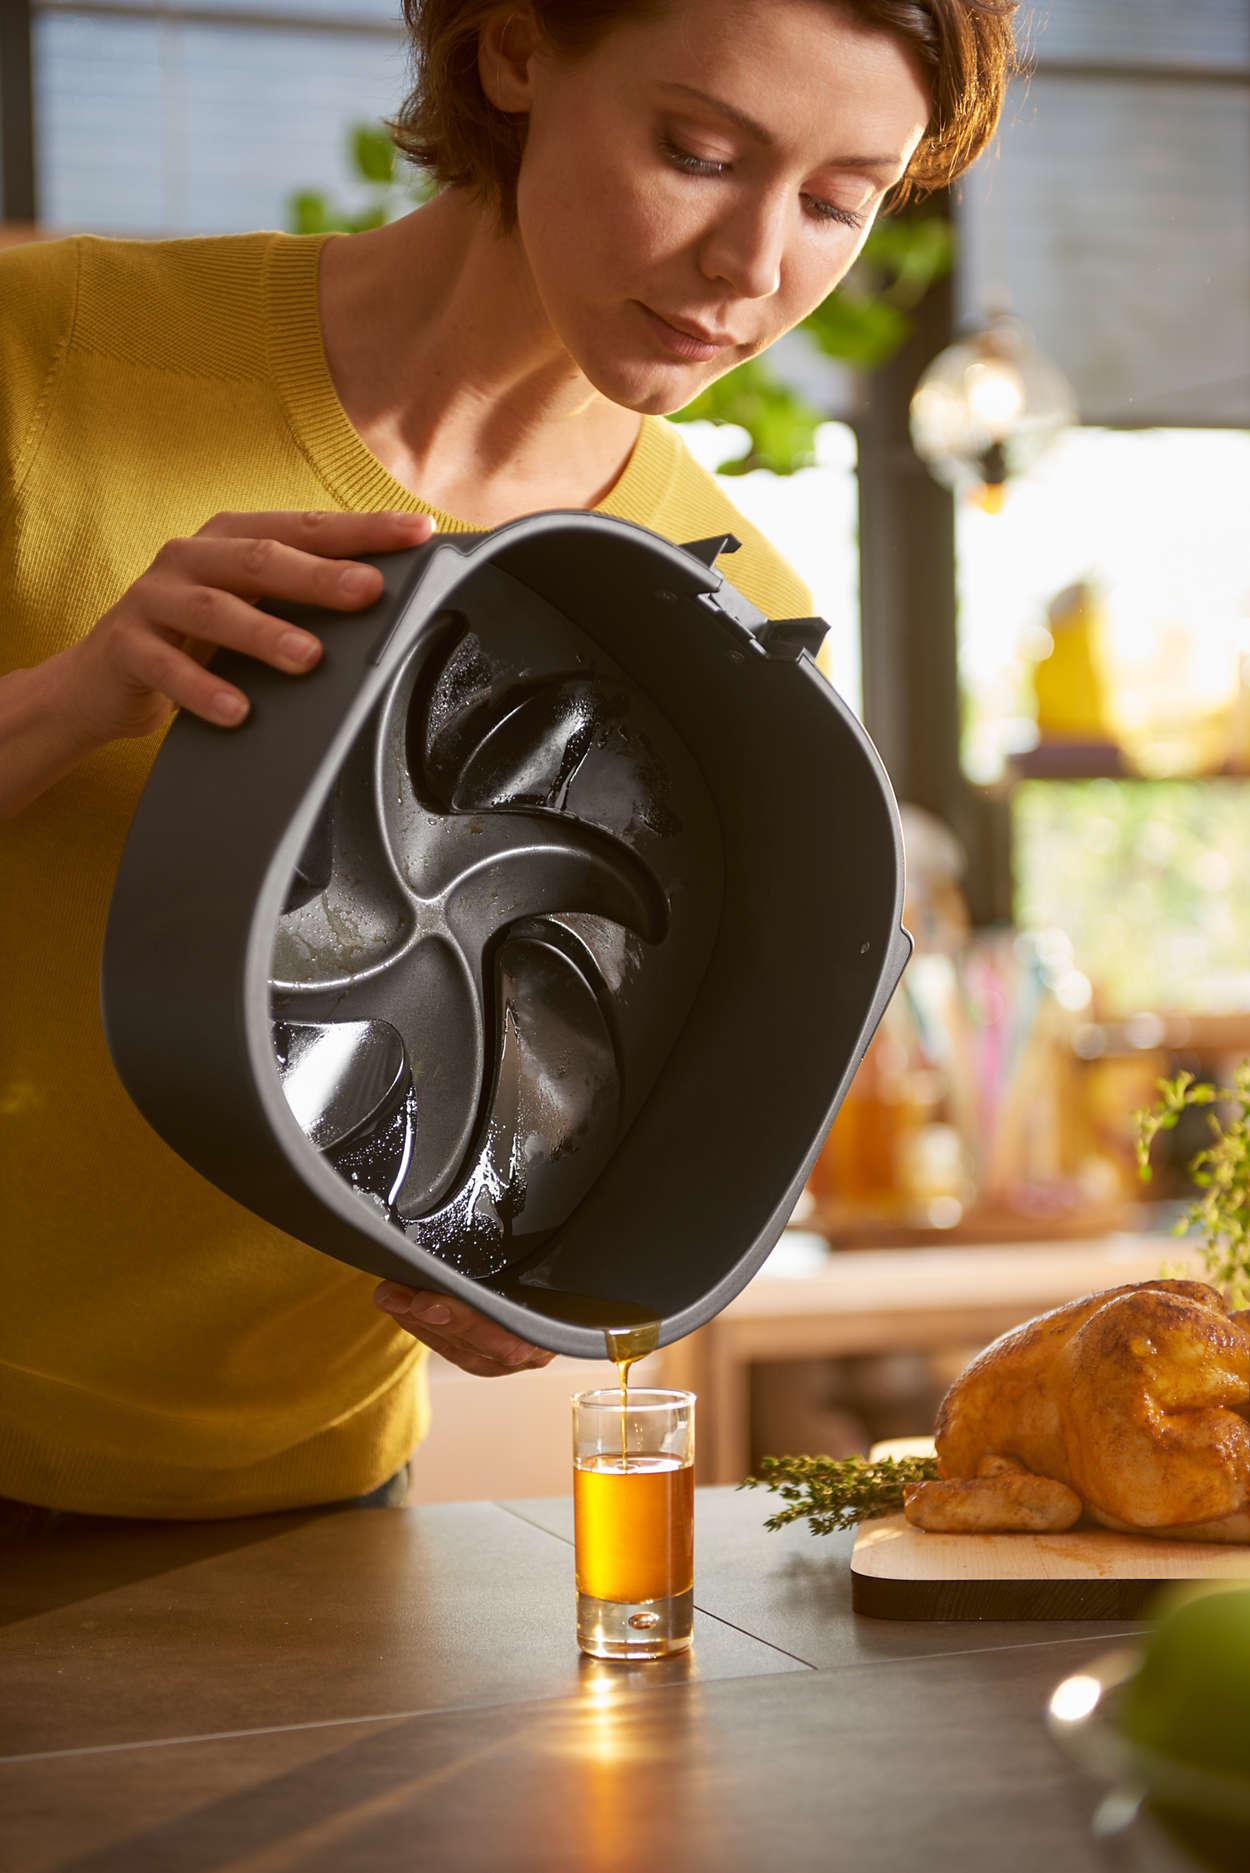 健康空氣炸鍋XXL   健康簡單的煎炸方式  Philips